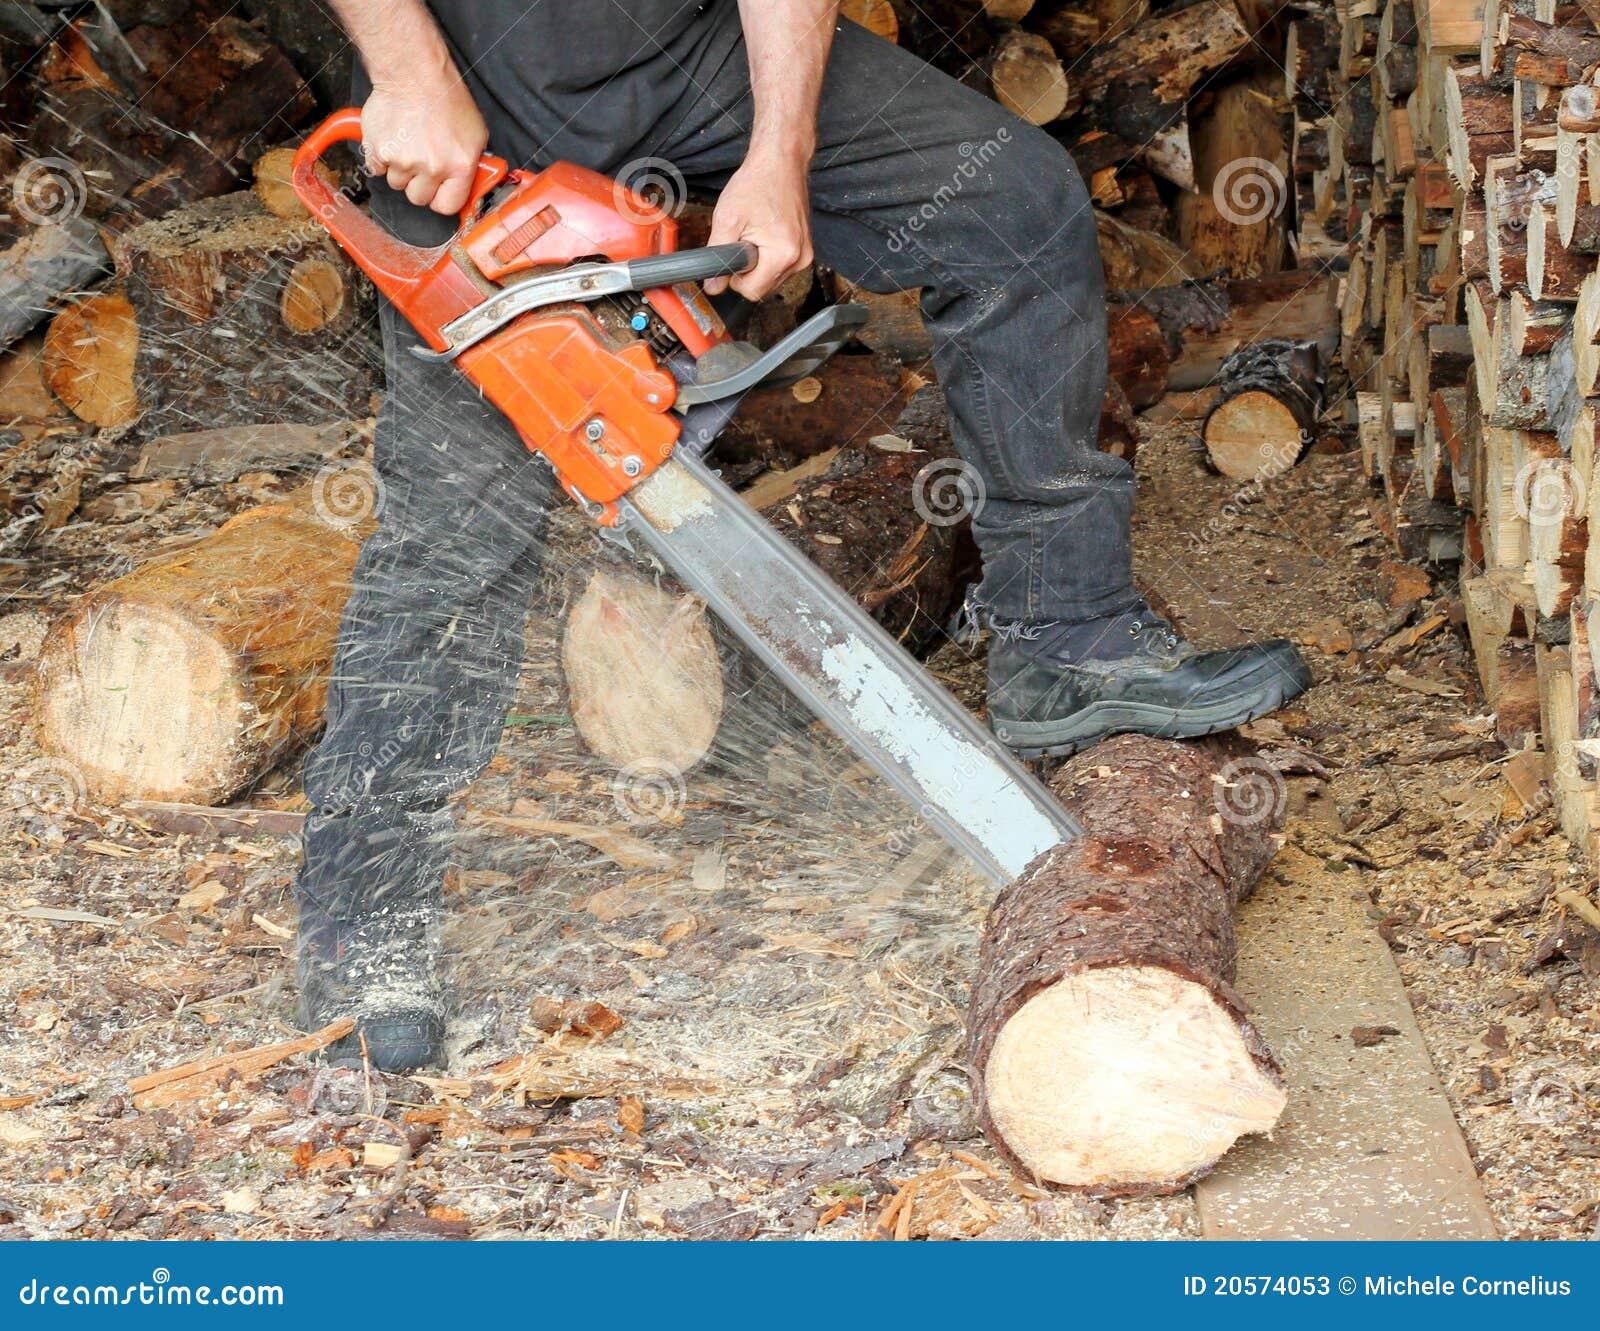 Cutting Firewood Stock Photos Image 20574053